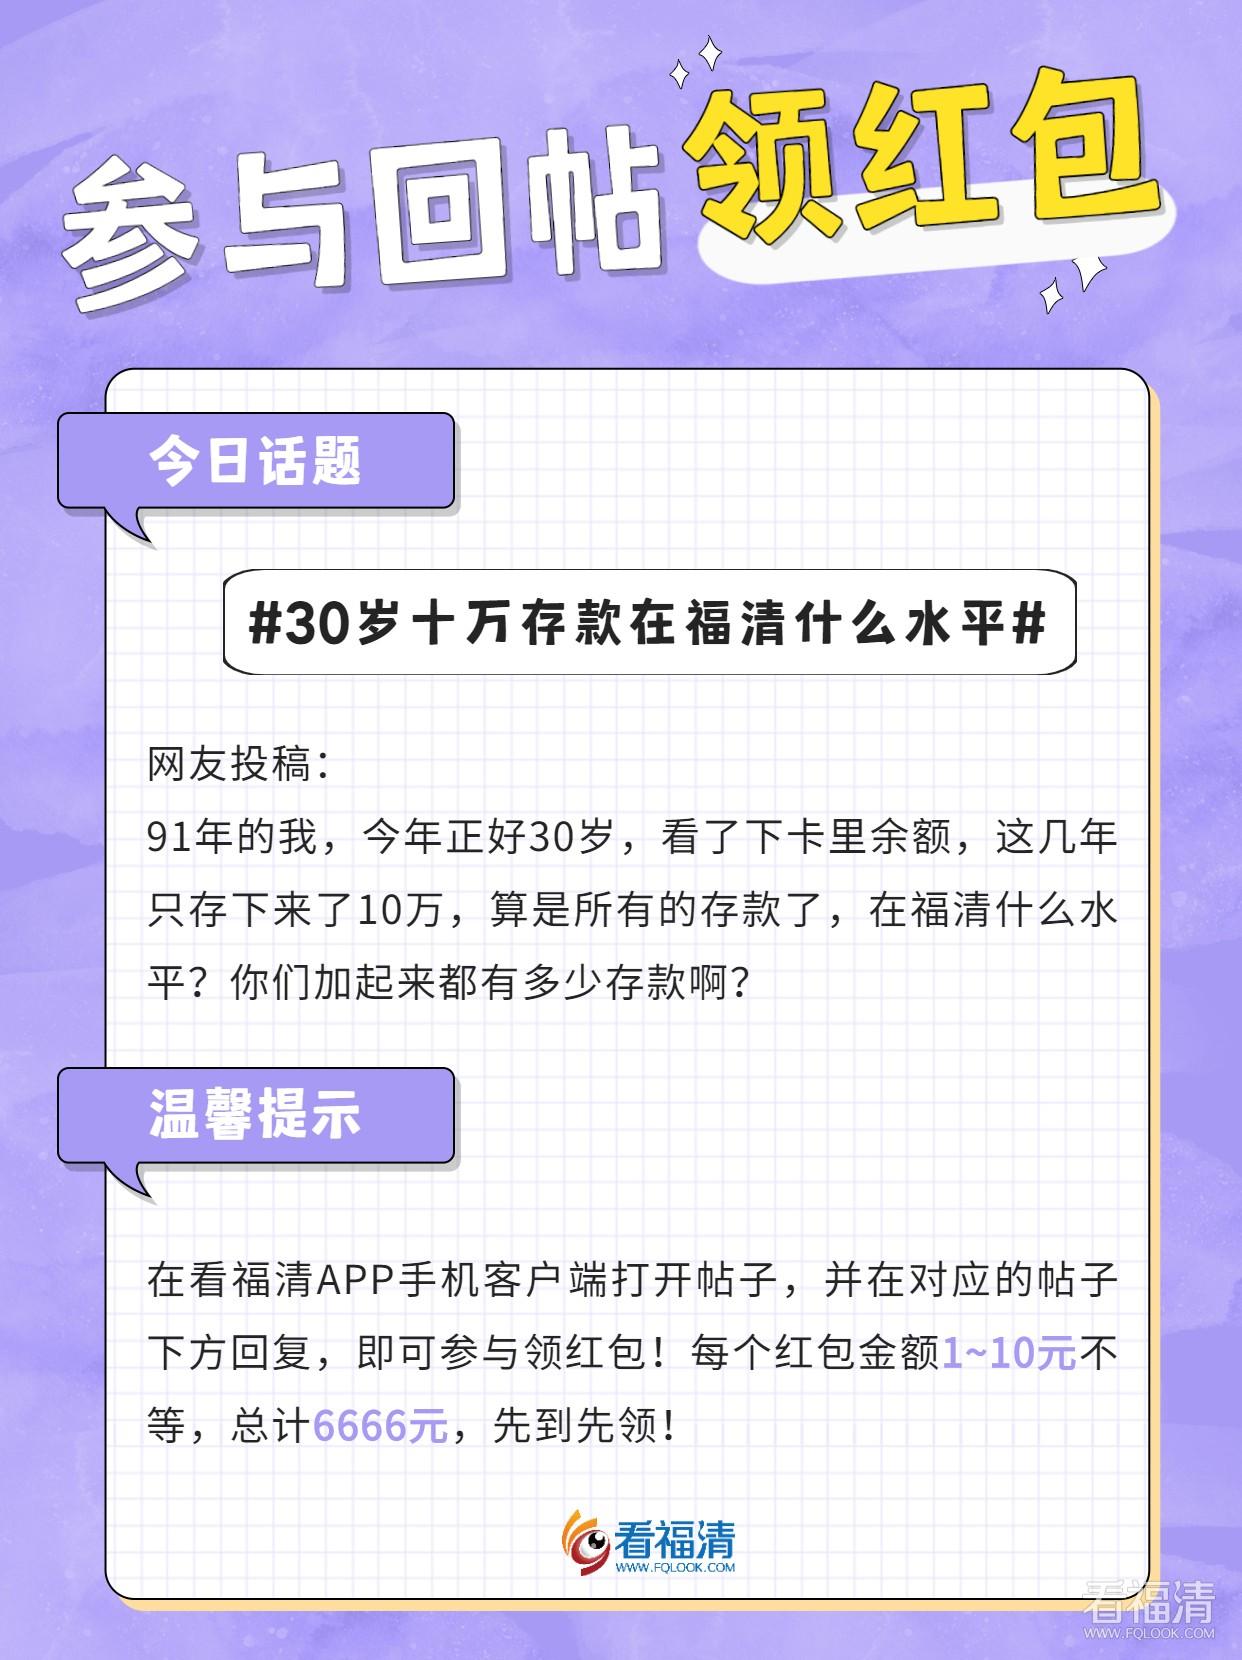 健康养生知识科普小红书封面配图.jpg